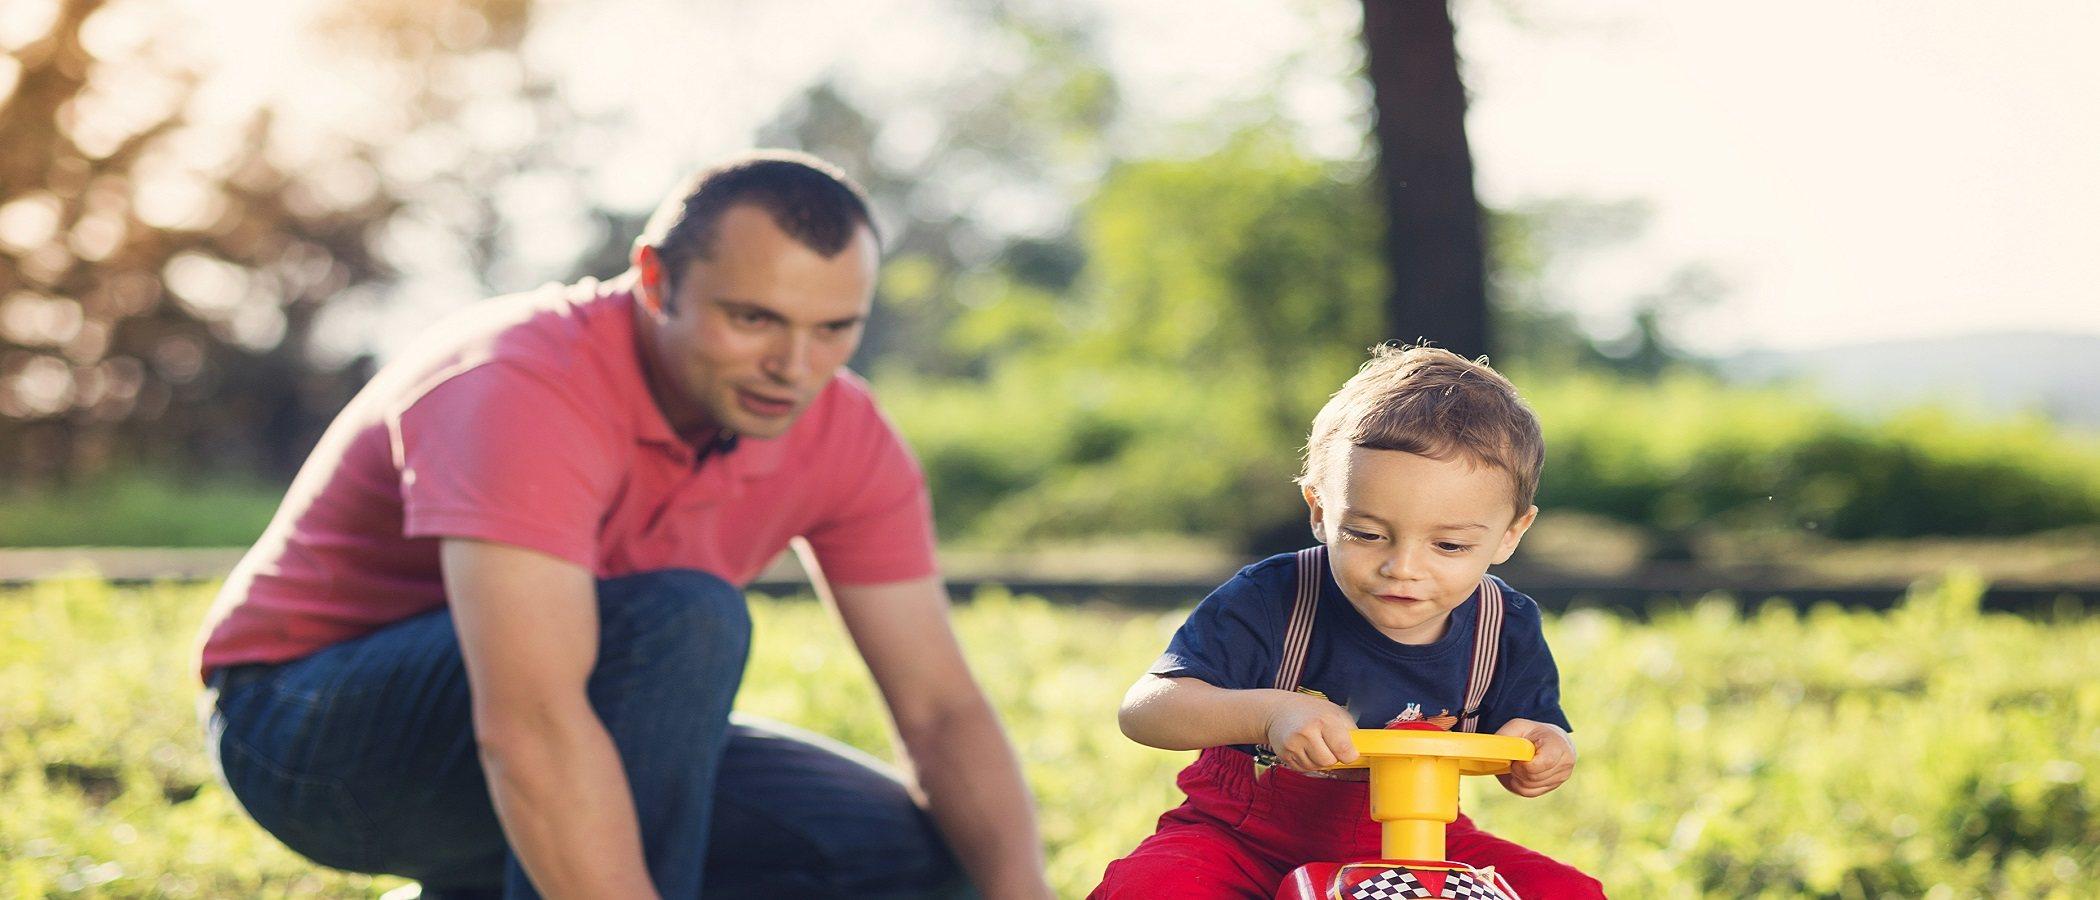 La indefensión aprendida en los niños por culpa de los padres